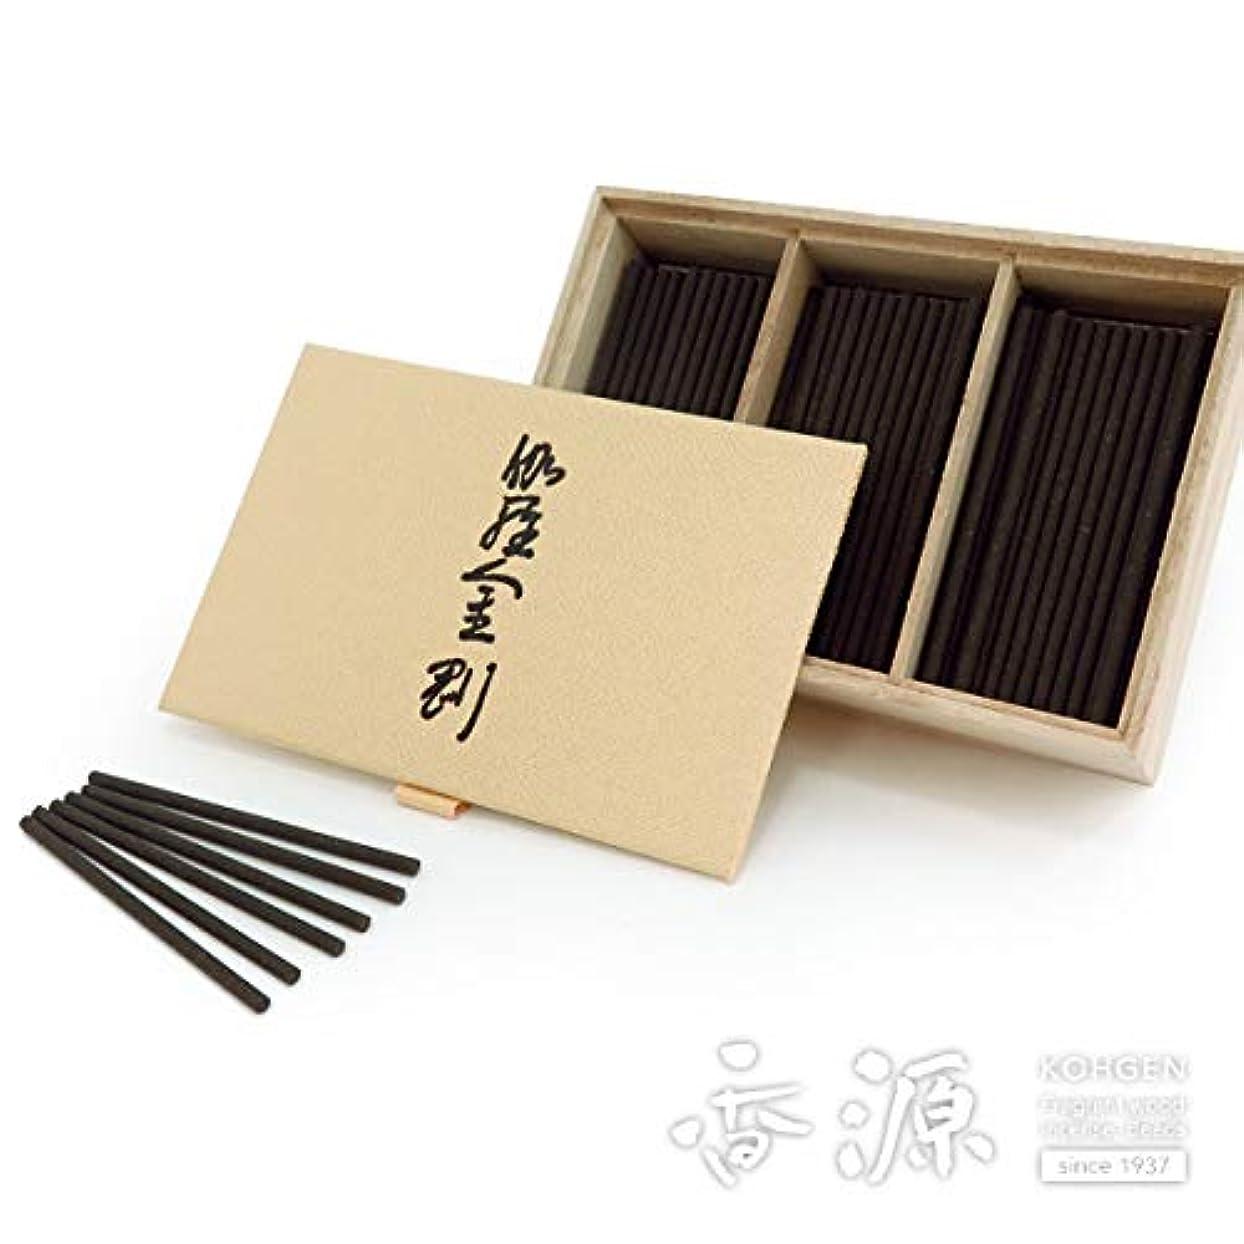 似ている類人猿広範囲日本香堂のお香 伽羅金剛 スティックミニ寸お徳用 150本入り